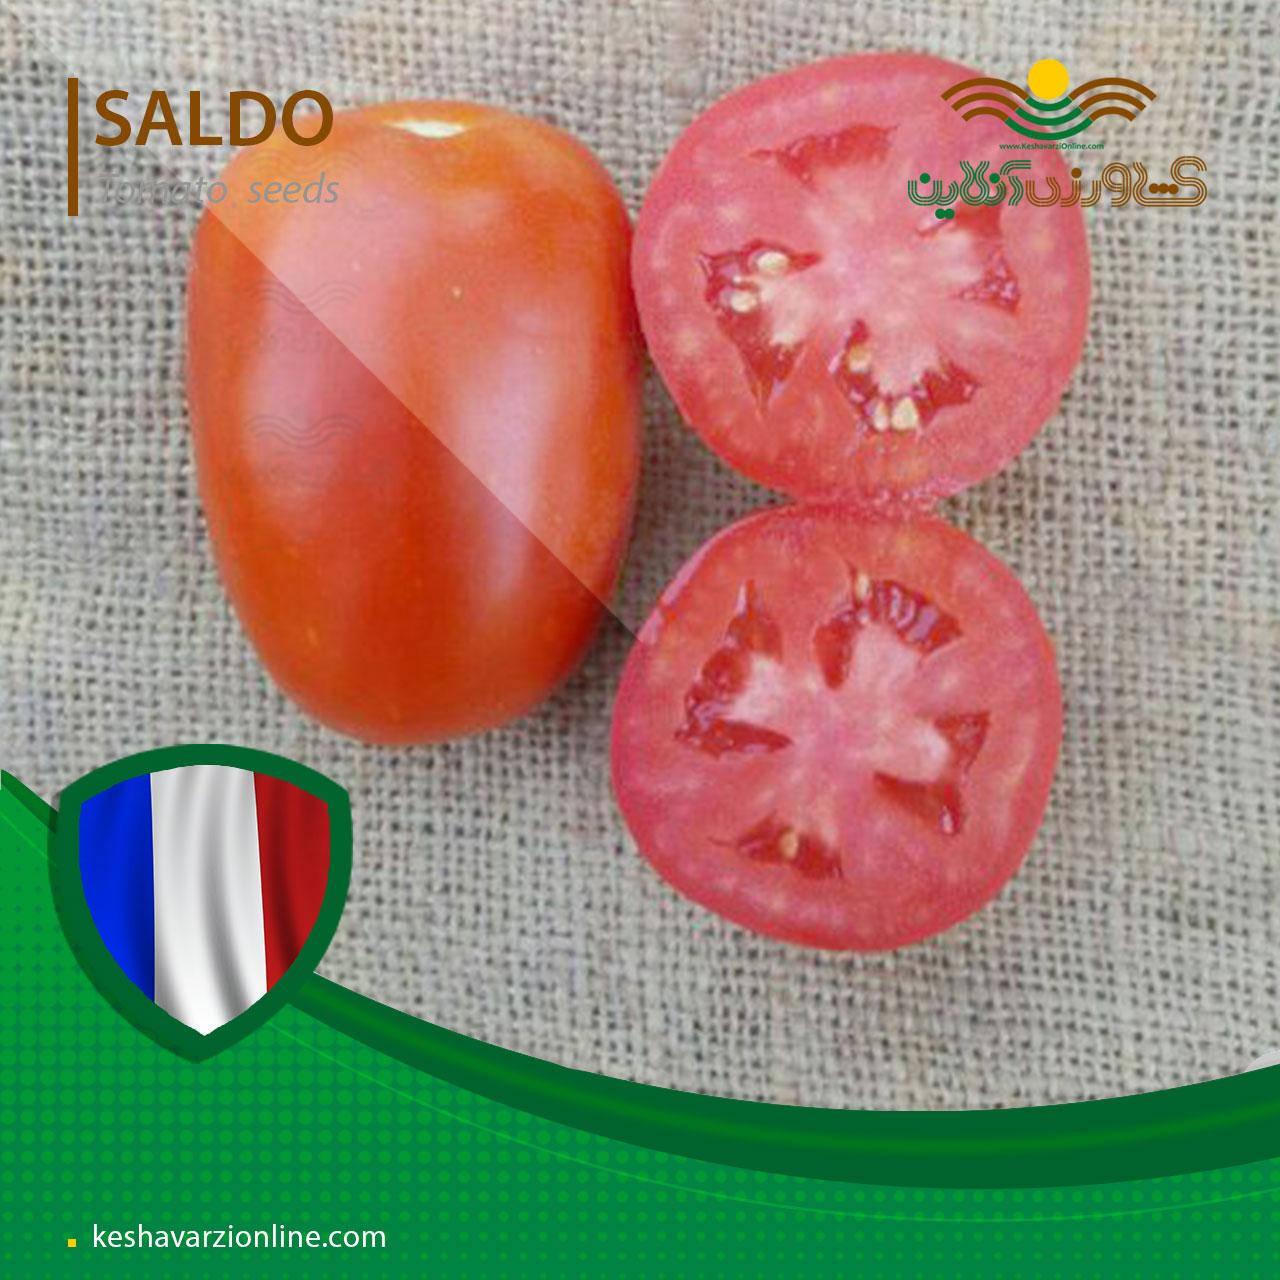 بذر گوجه فرنگی سالدو